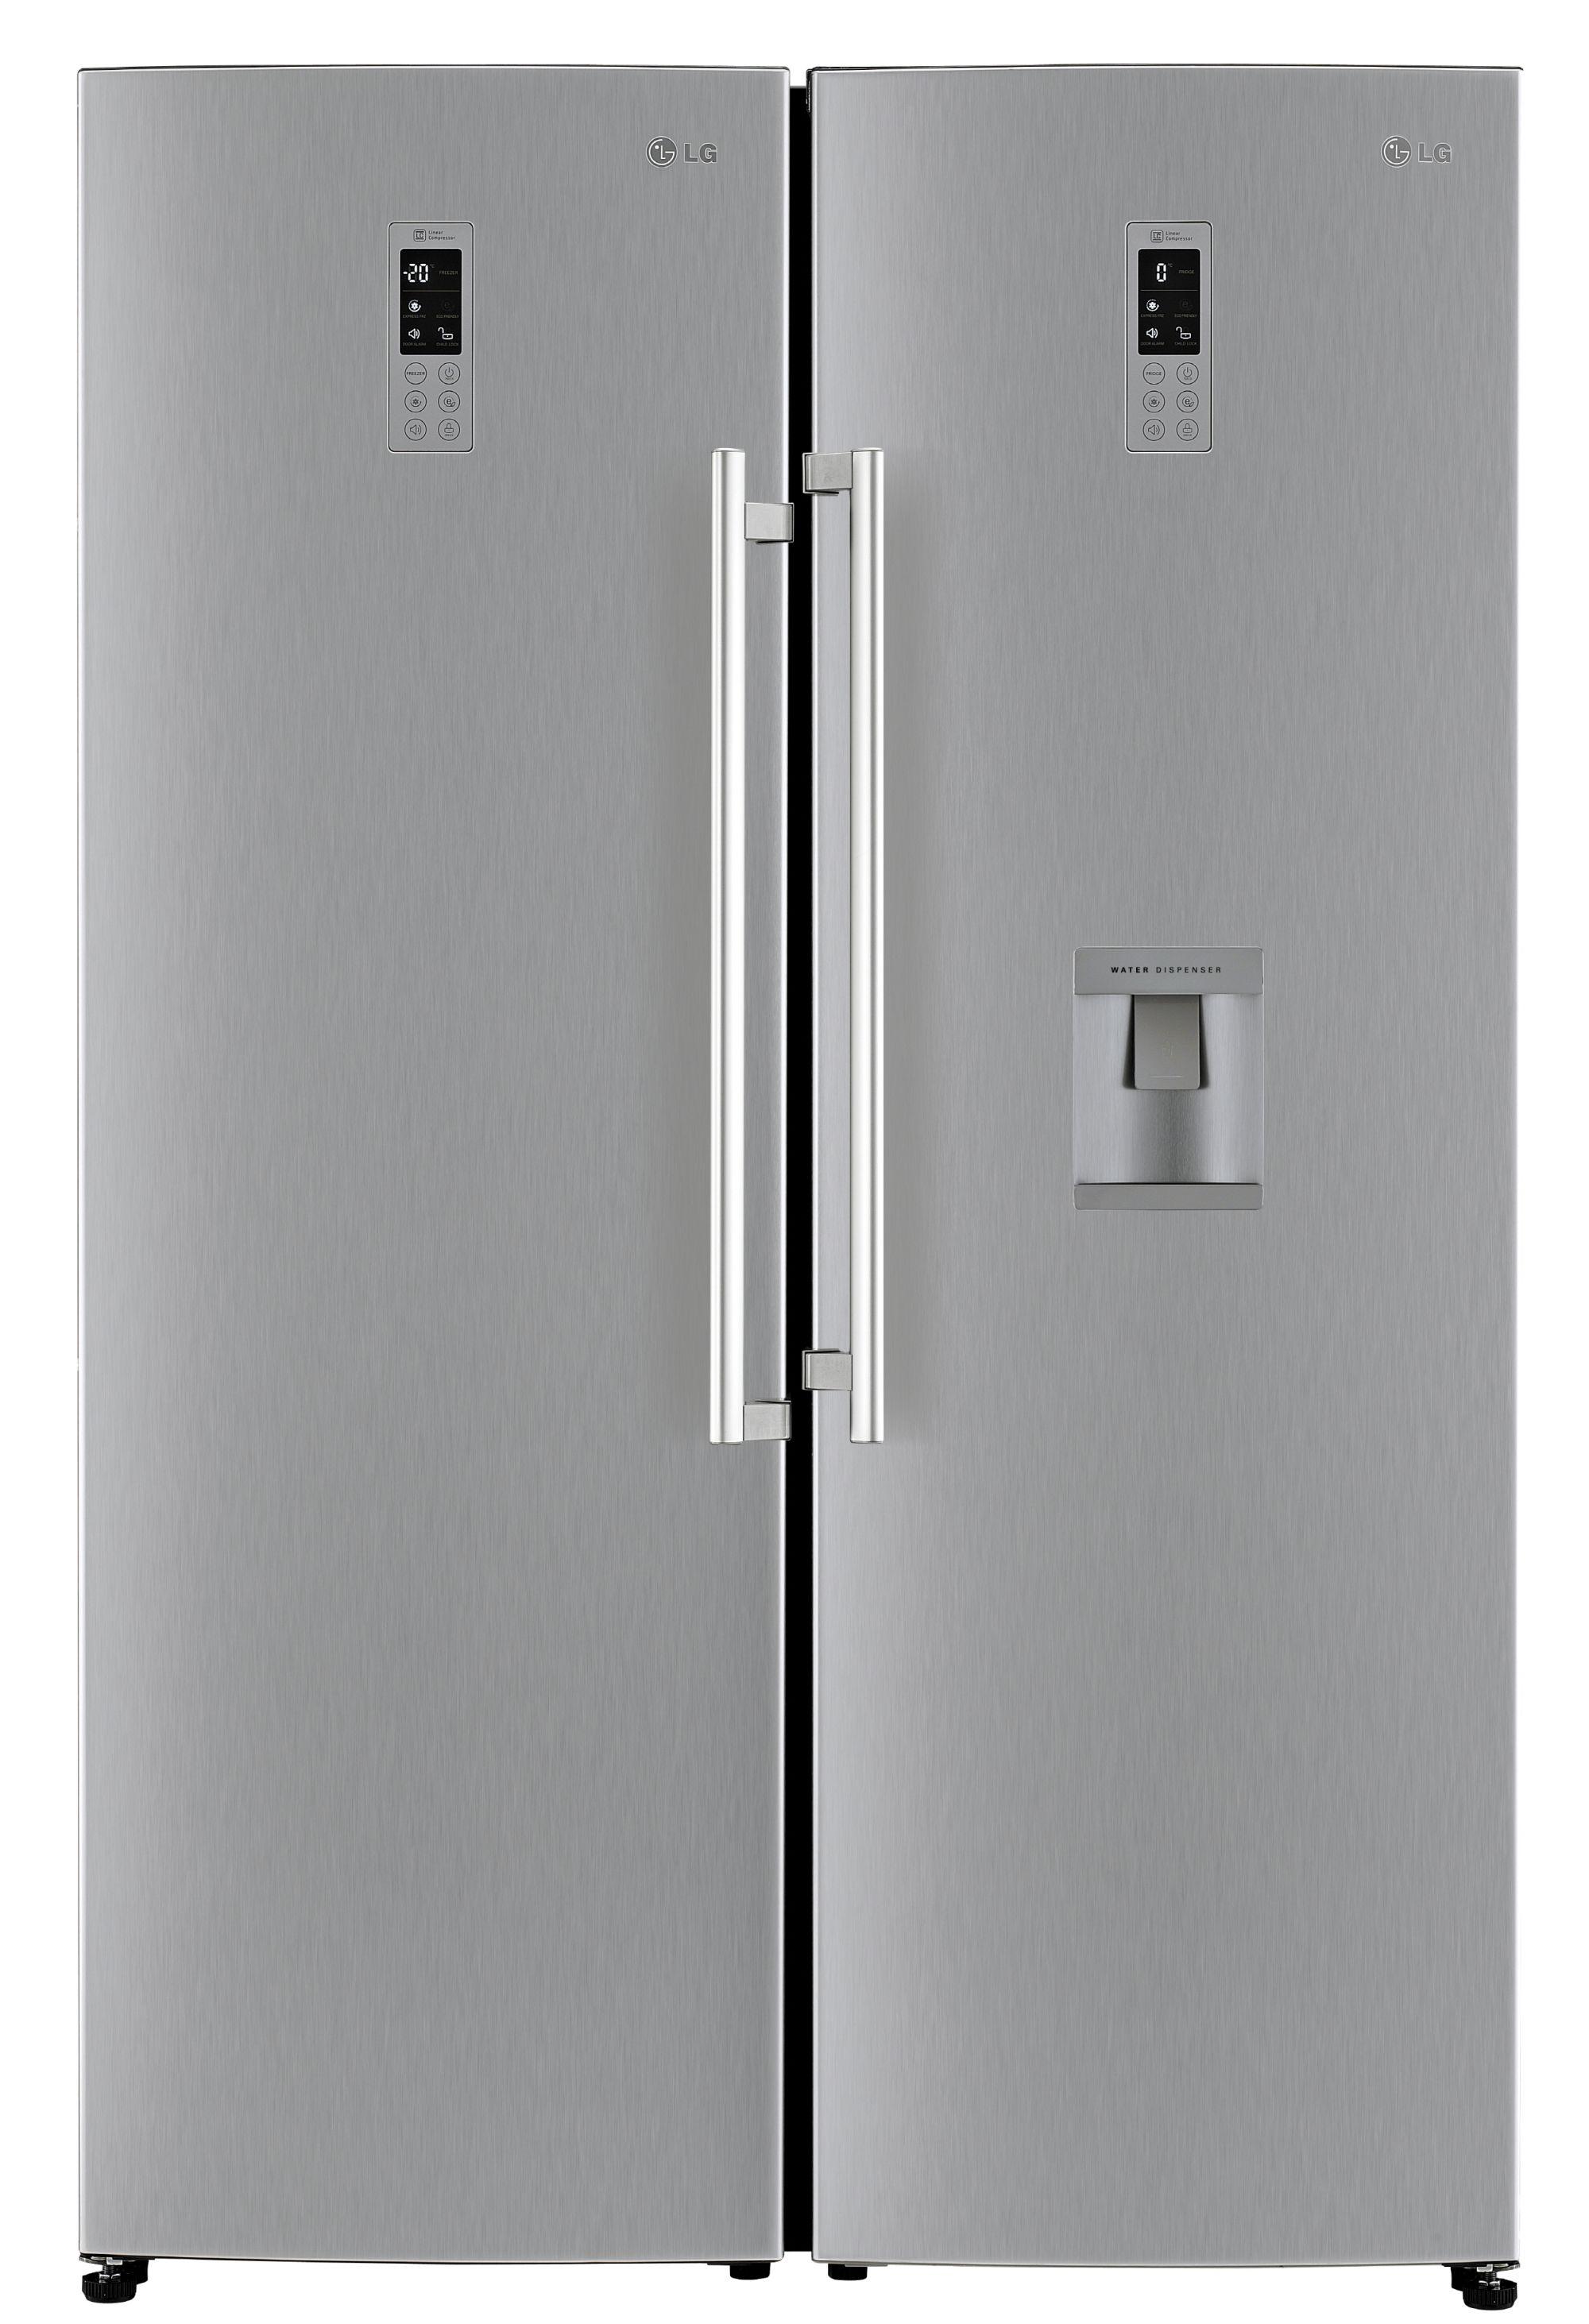 LG Gefrierschrank GF 5137 AEHZ – Großraumgerät der Energieklasse A++